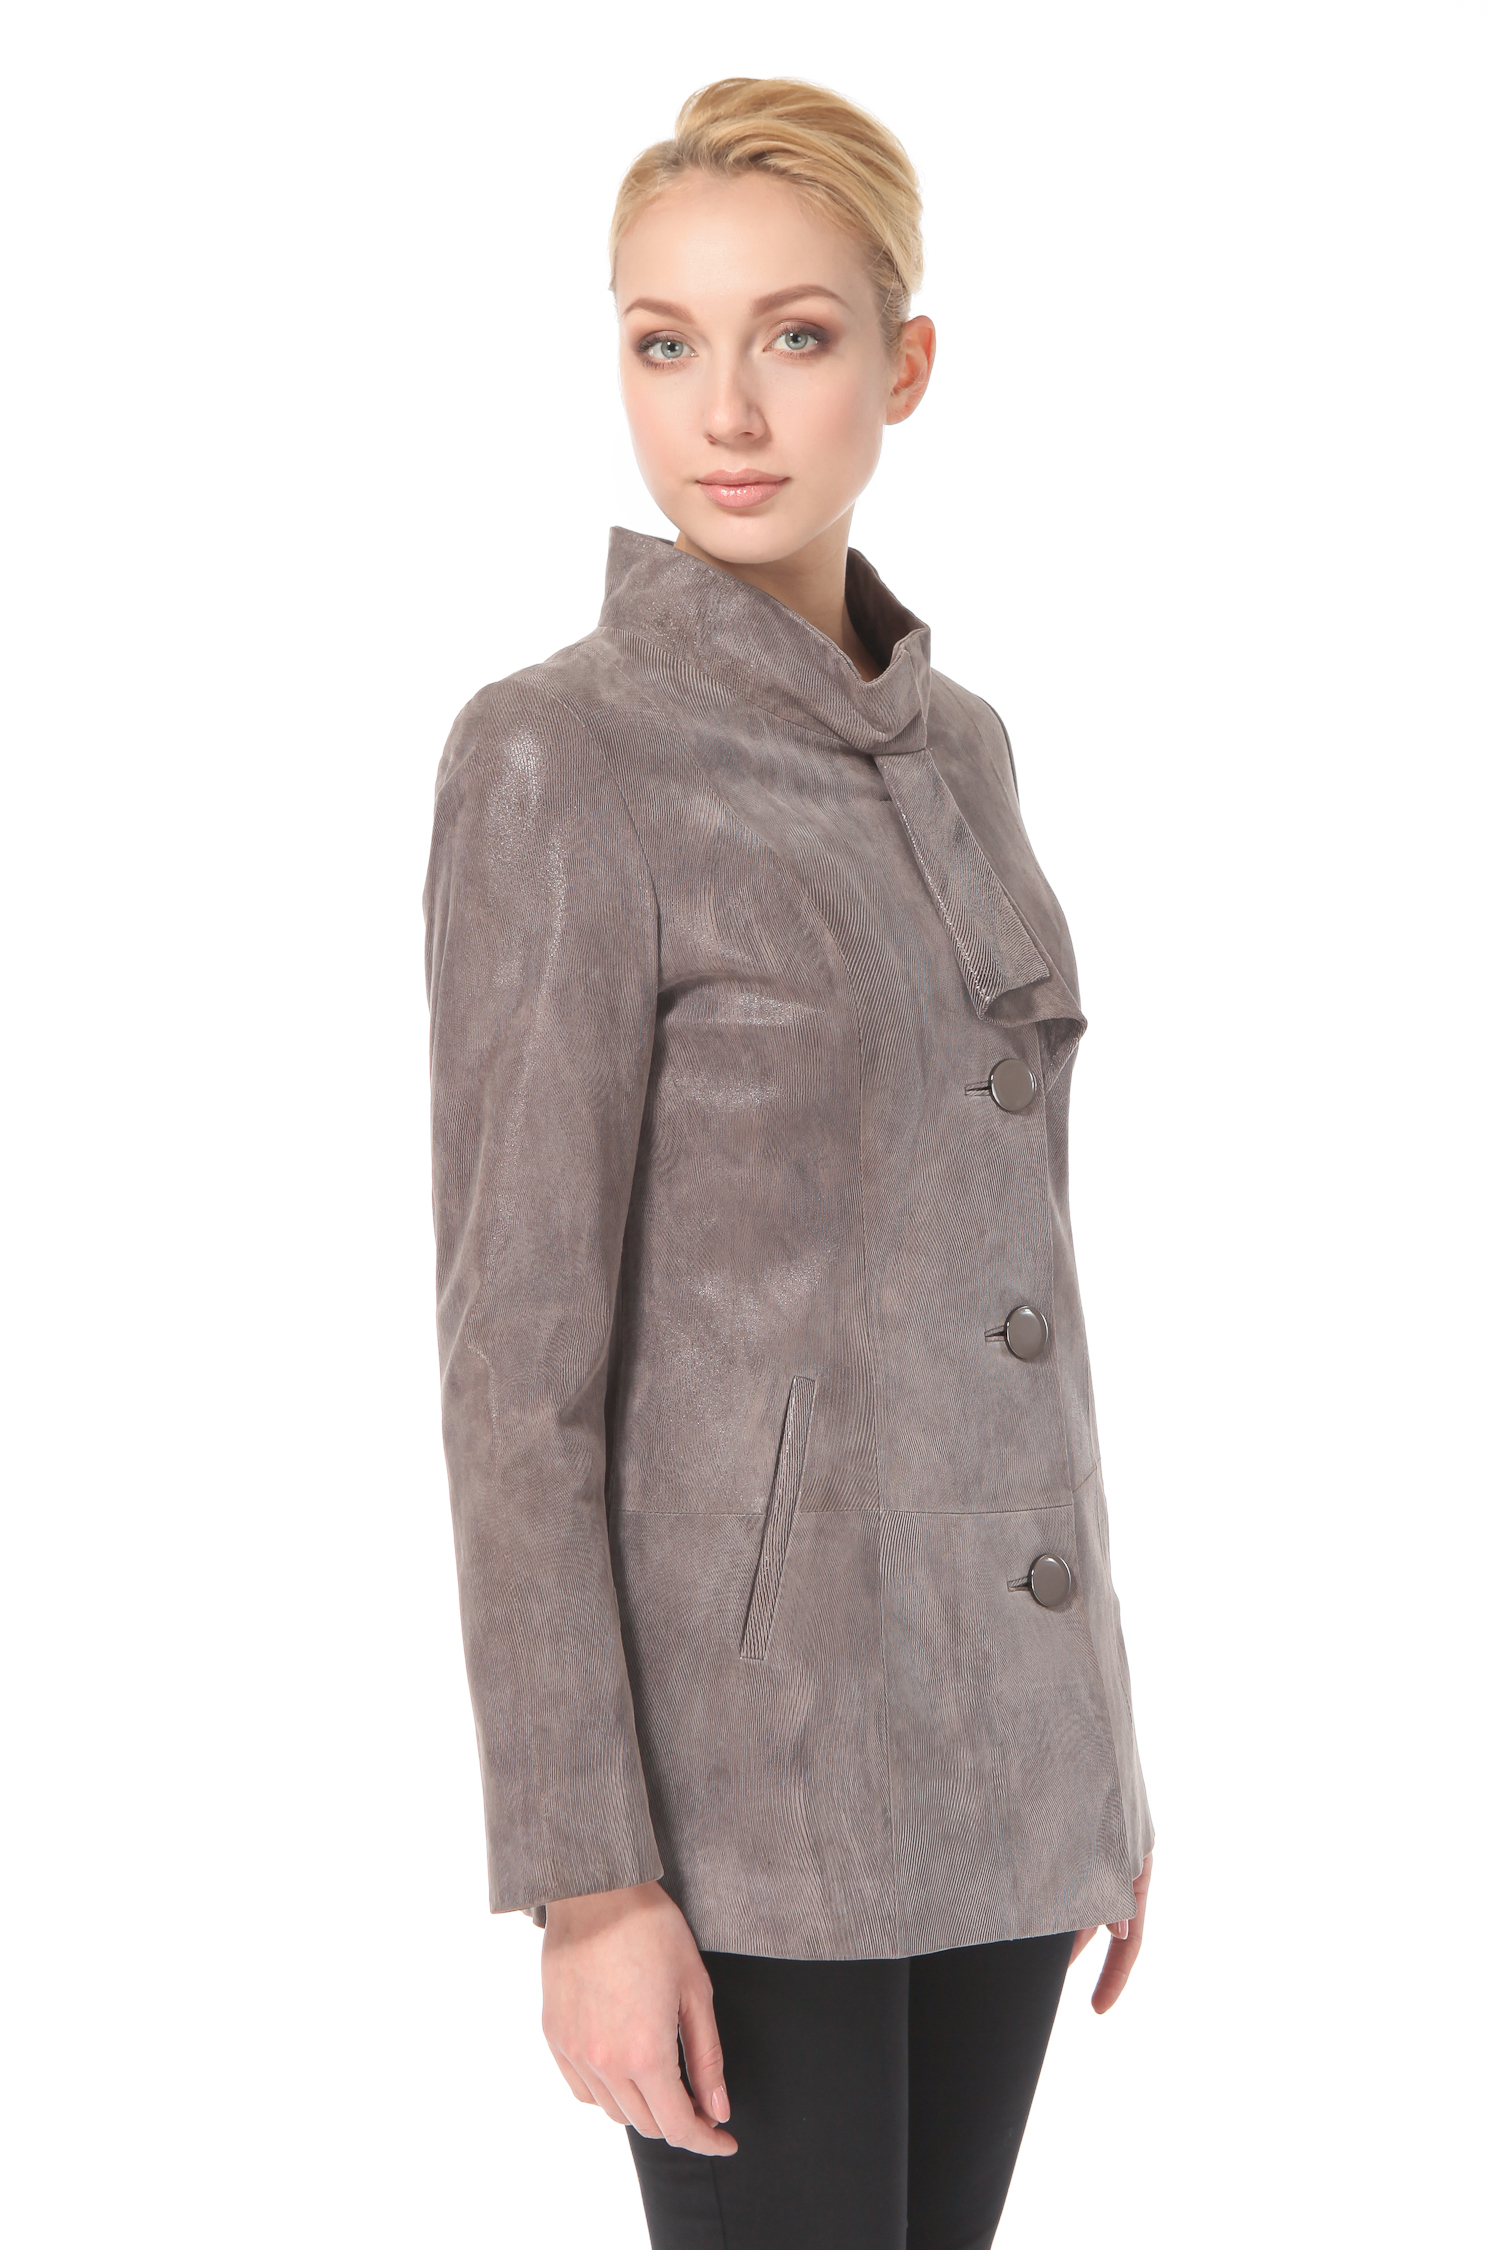 Женская кожаная куртка из натуральной замши (с накатом) с воротником от МОСМЕХА